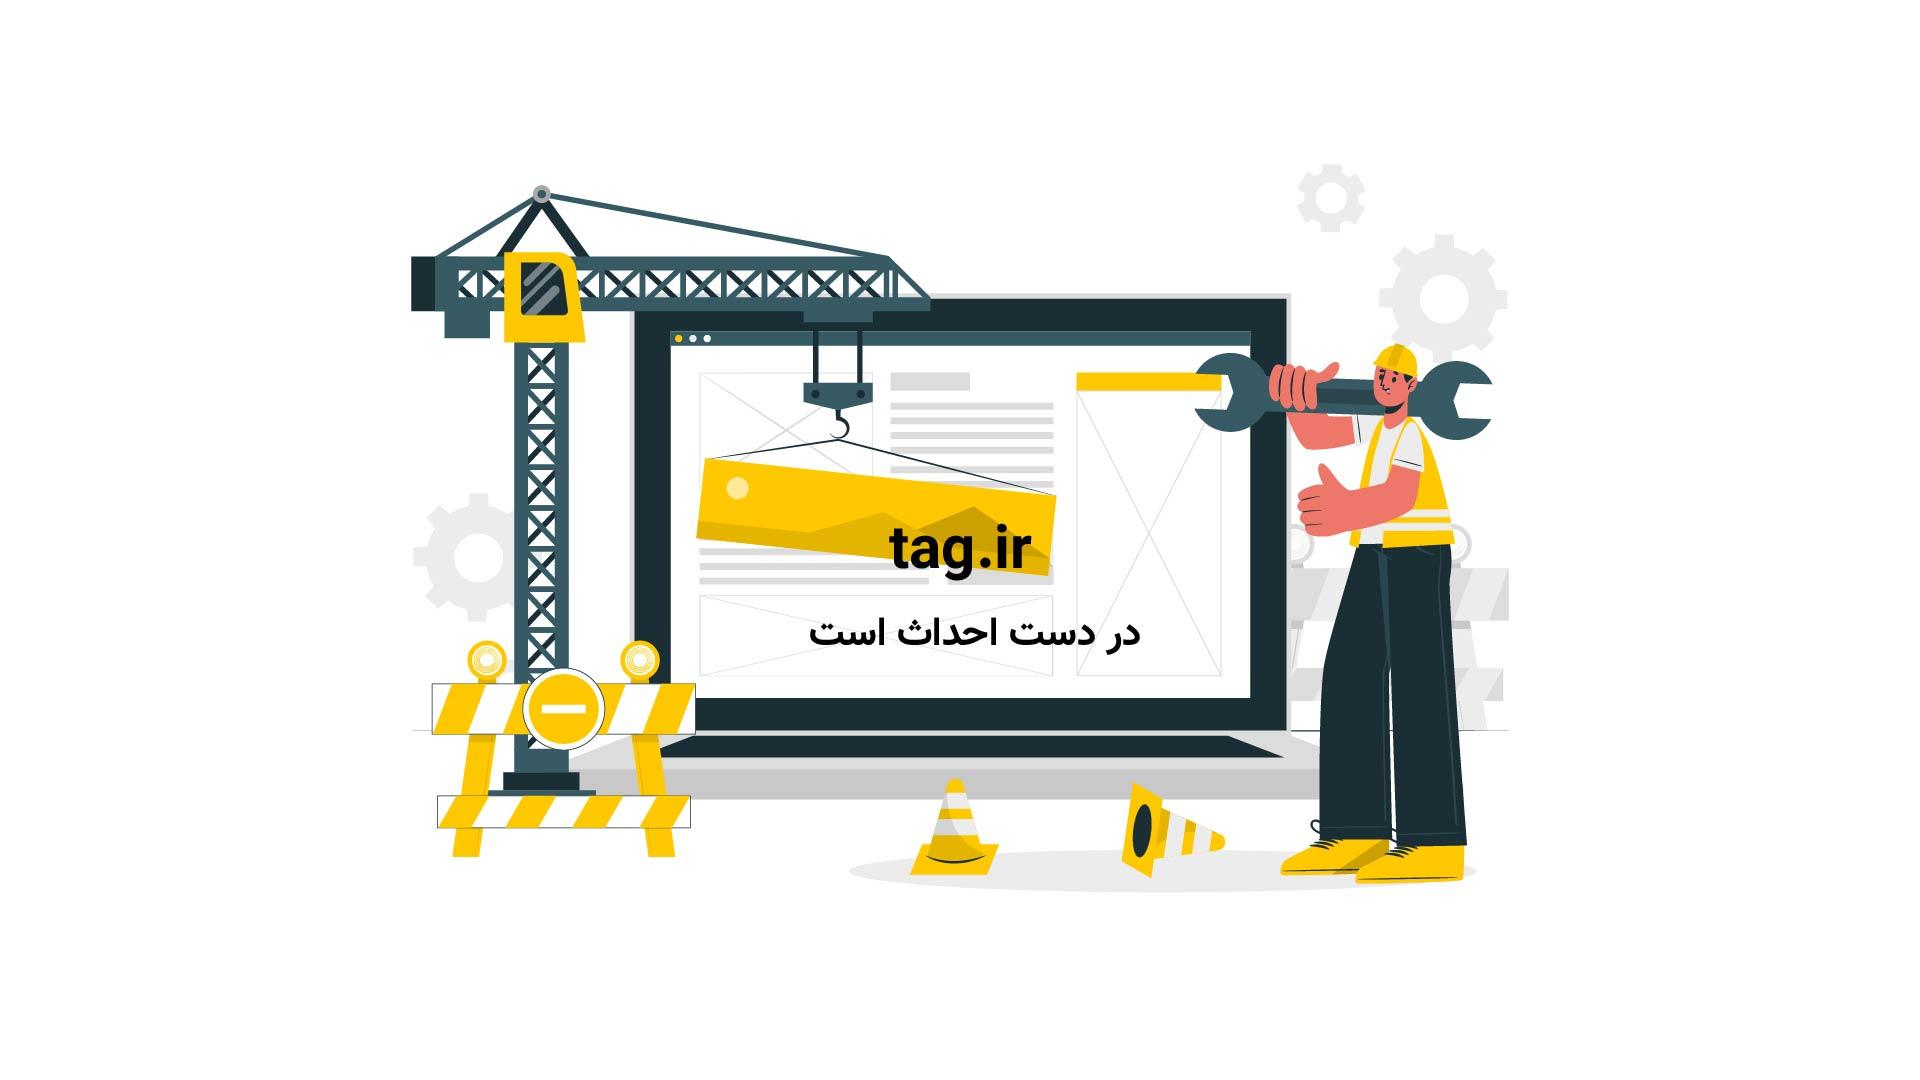 آموزش تزیین تخم مرغ های سفره هفت سین با تصاویر دلخواه   فیلم